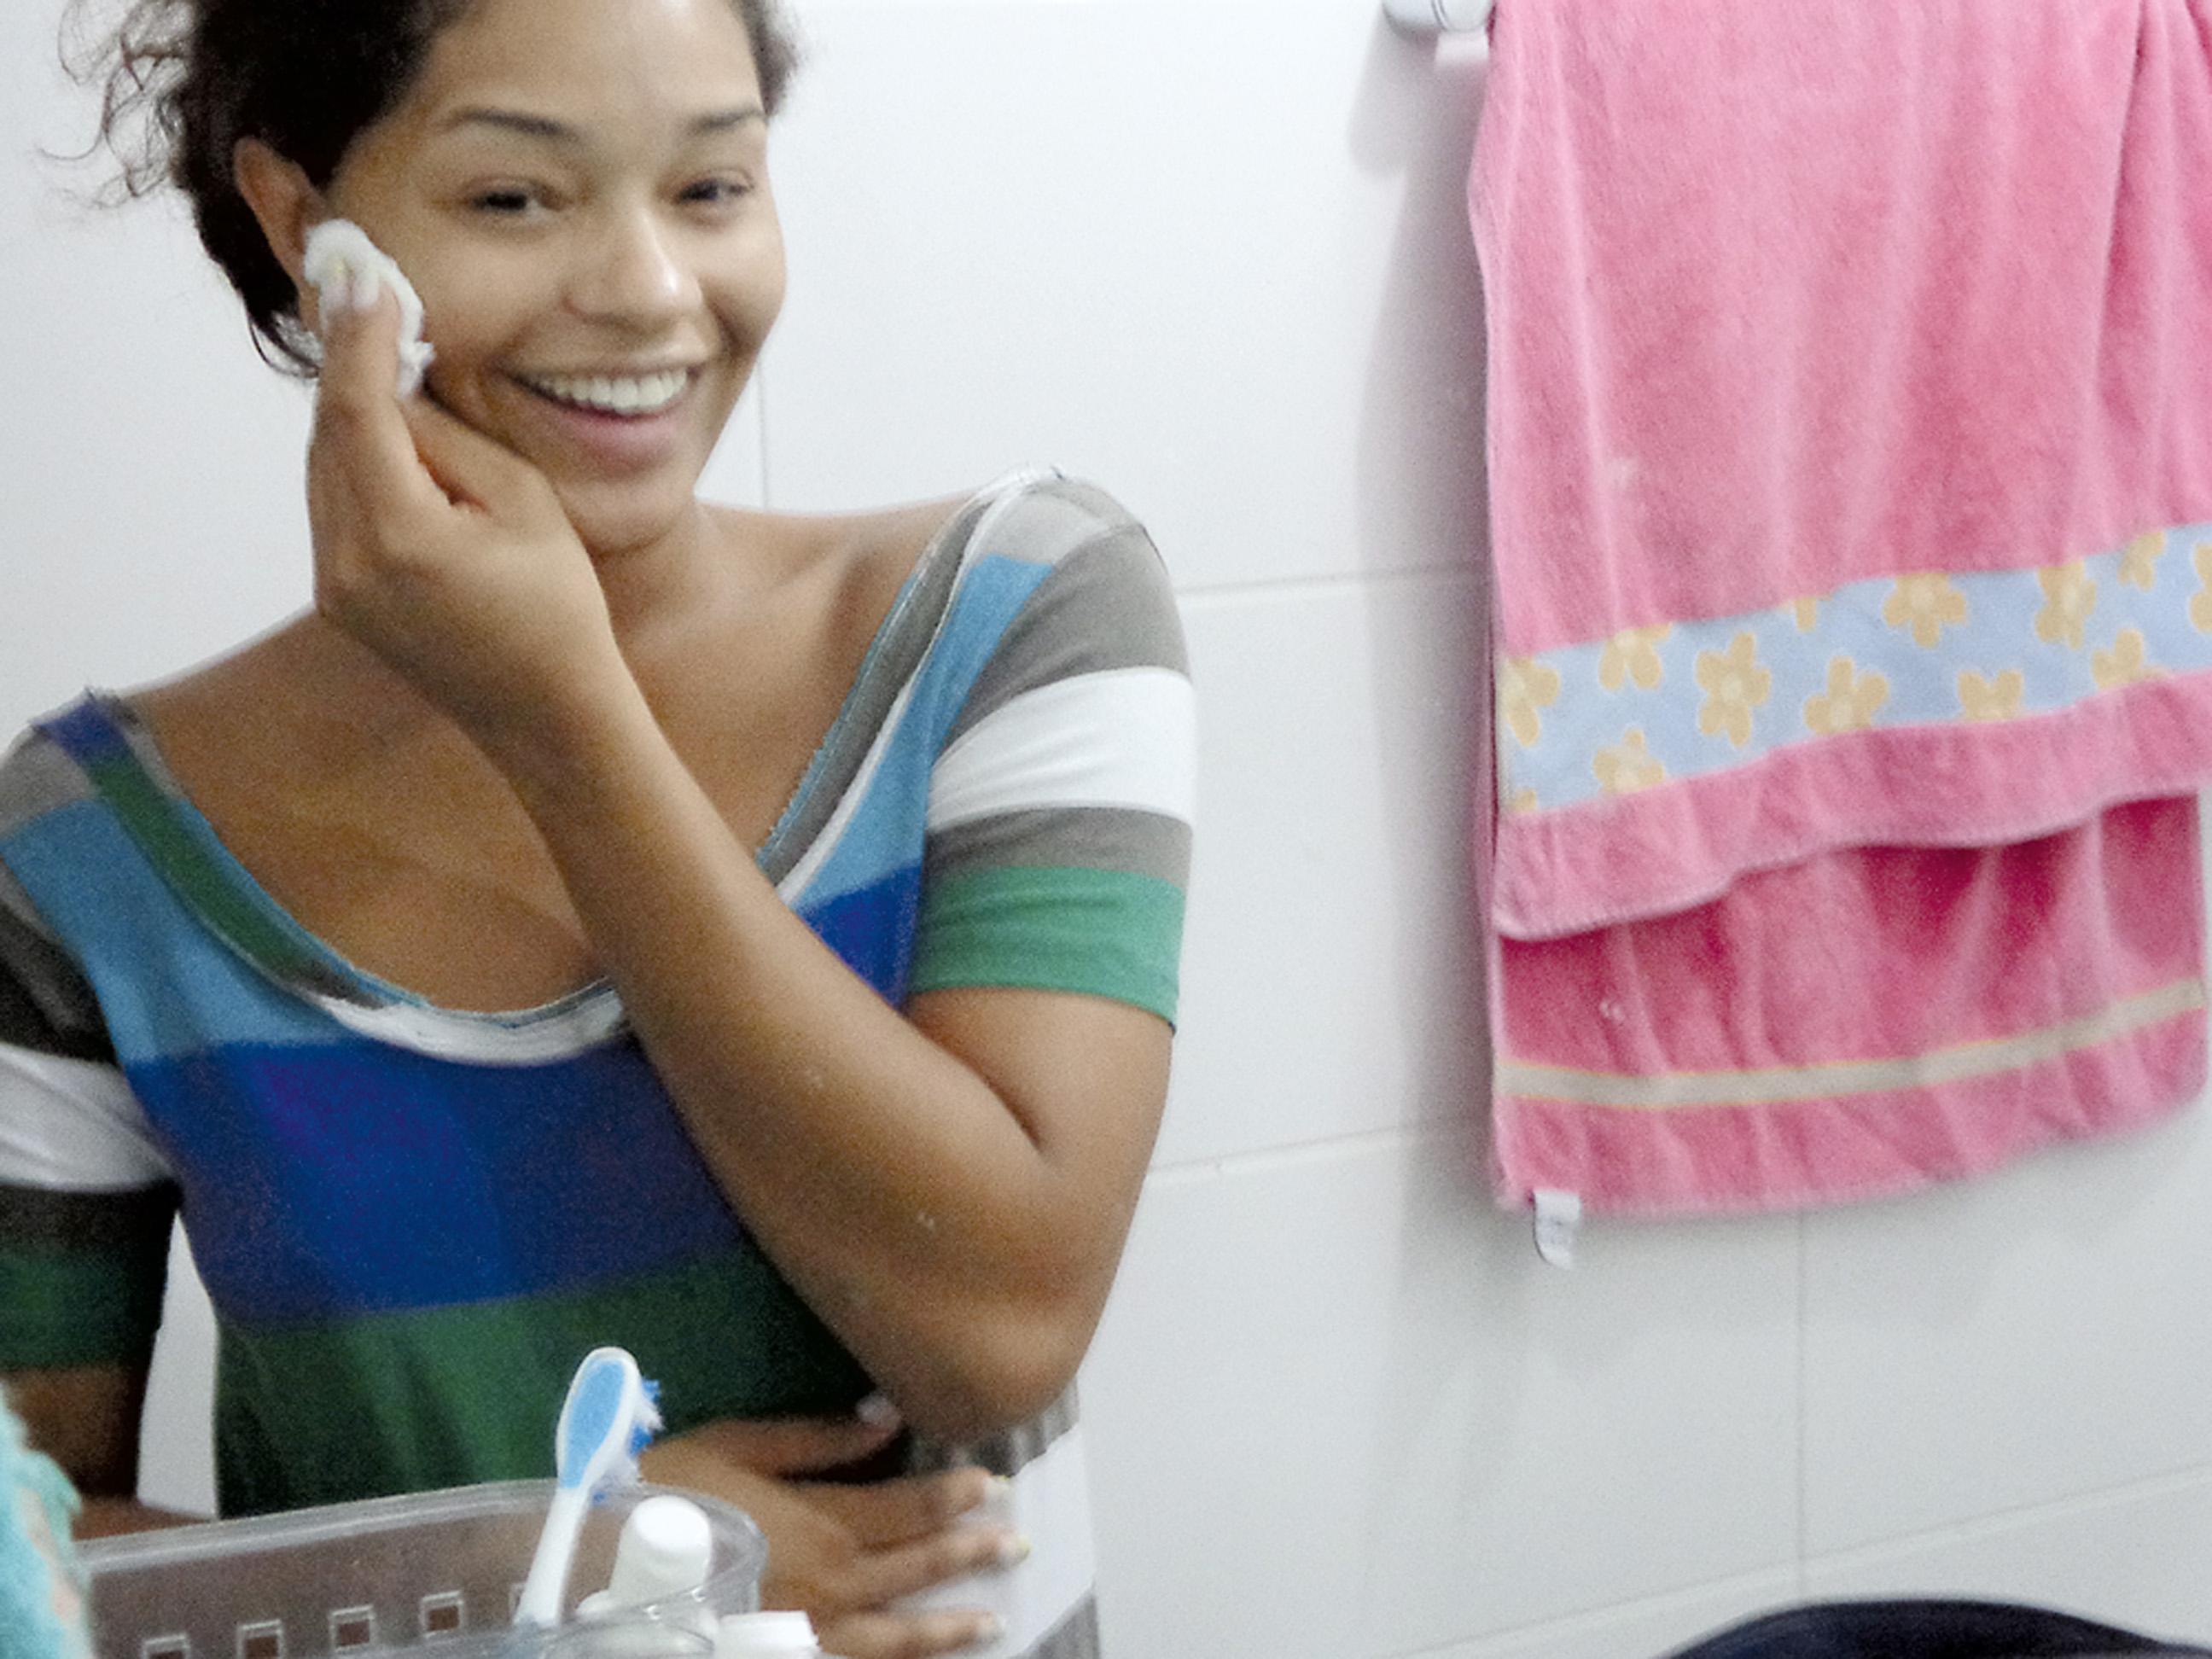 01:30 - Antes de me deitar, limpo o rosto tirando a maquiagem do dia.